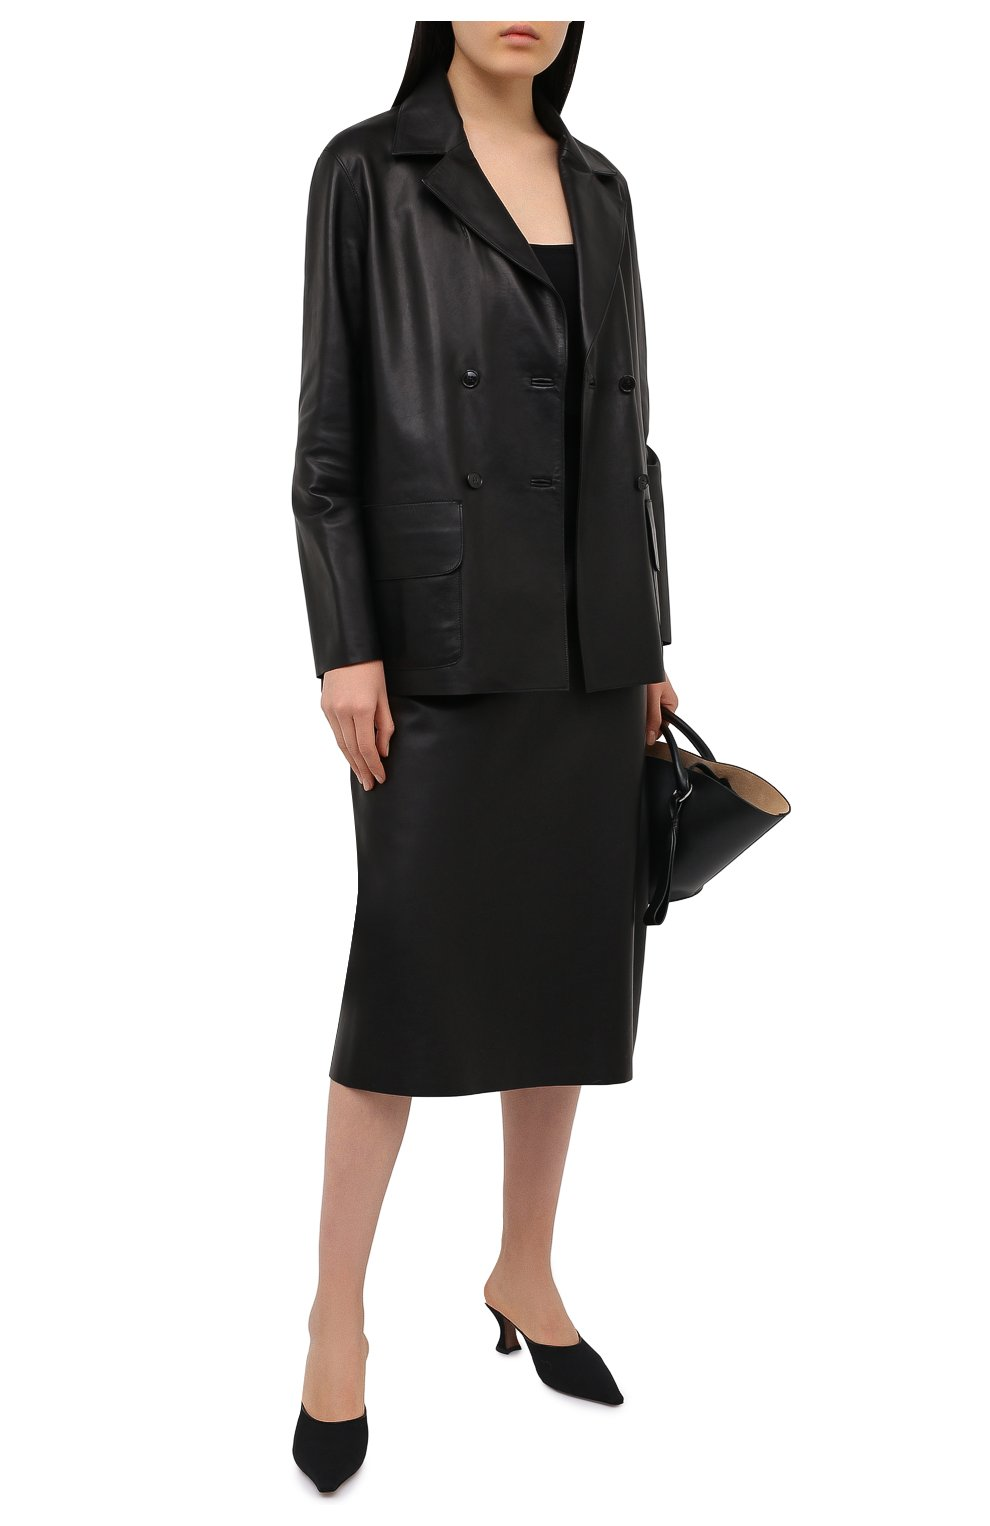 Женский кожаный жакет INES&MARECHAL черного цвета, арт. GRAINE CUIR AGNEAU SINTRA   Фото 2